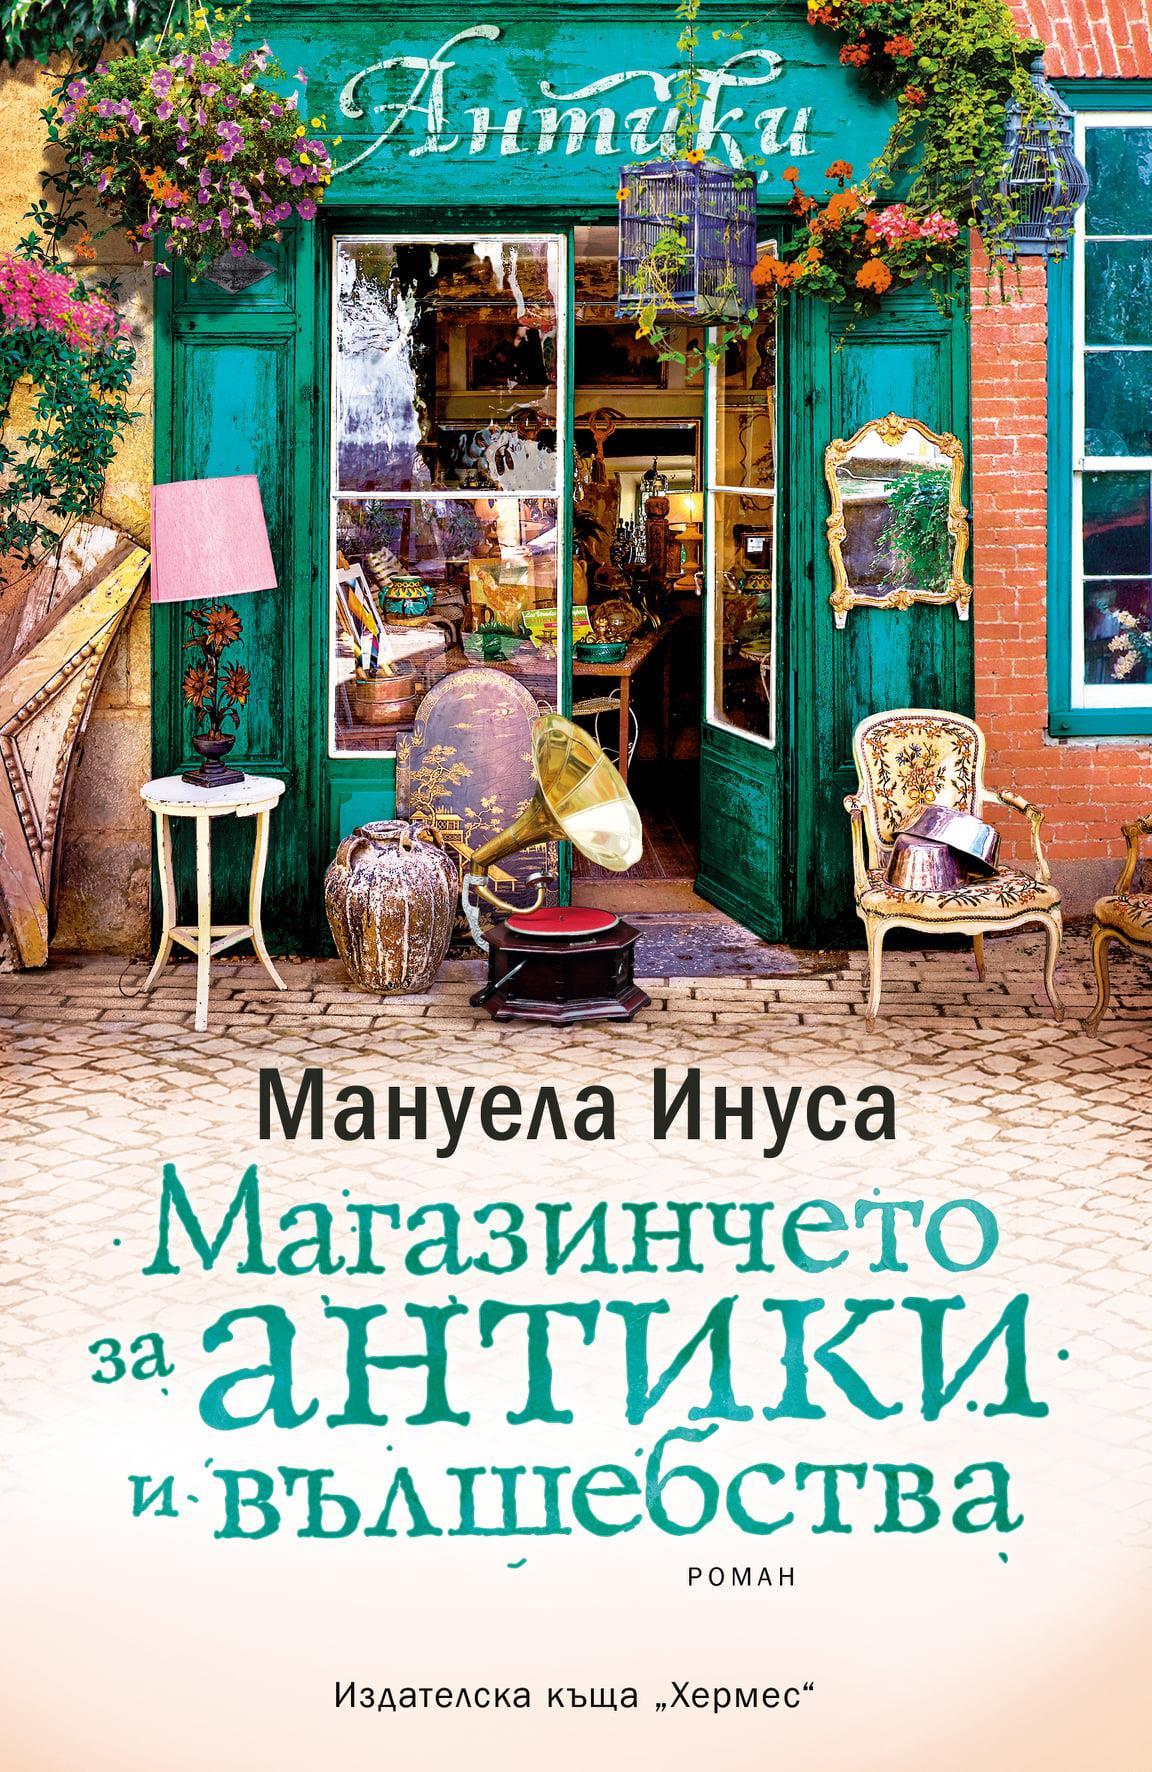 """""""Магазинчето за антики и вълшебства"""" – едно магично място в сърцето  Лейн"""""""